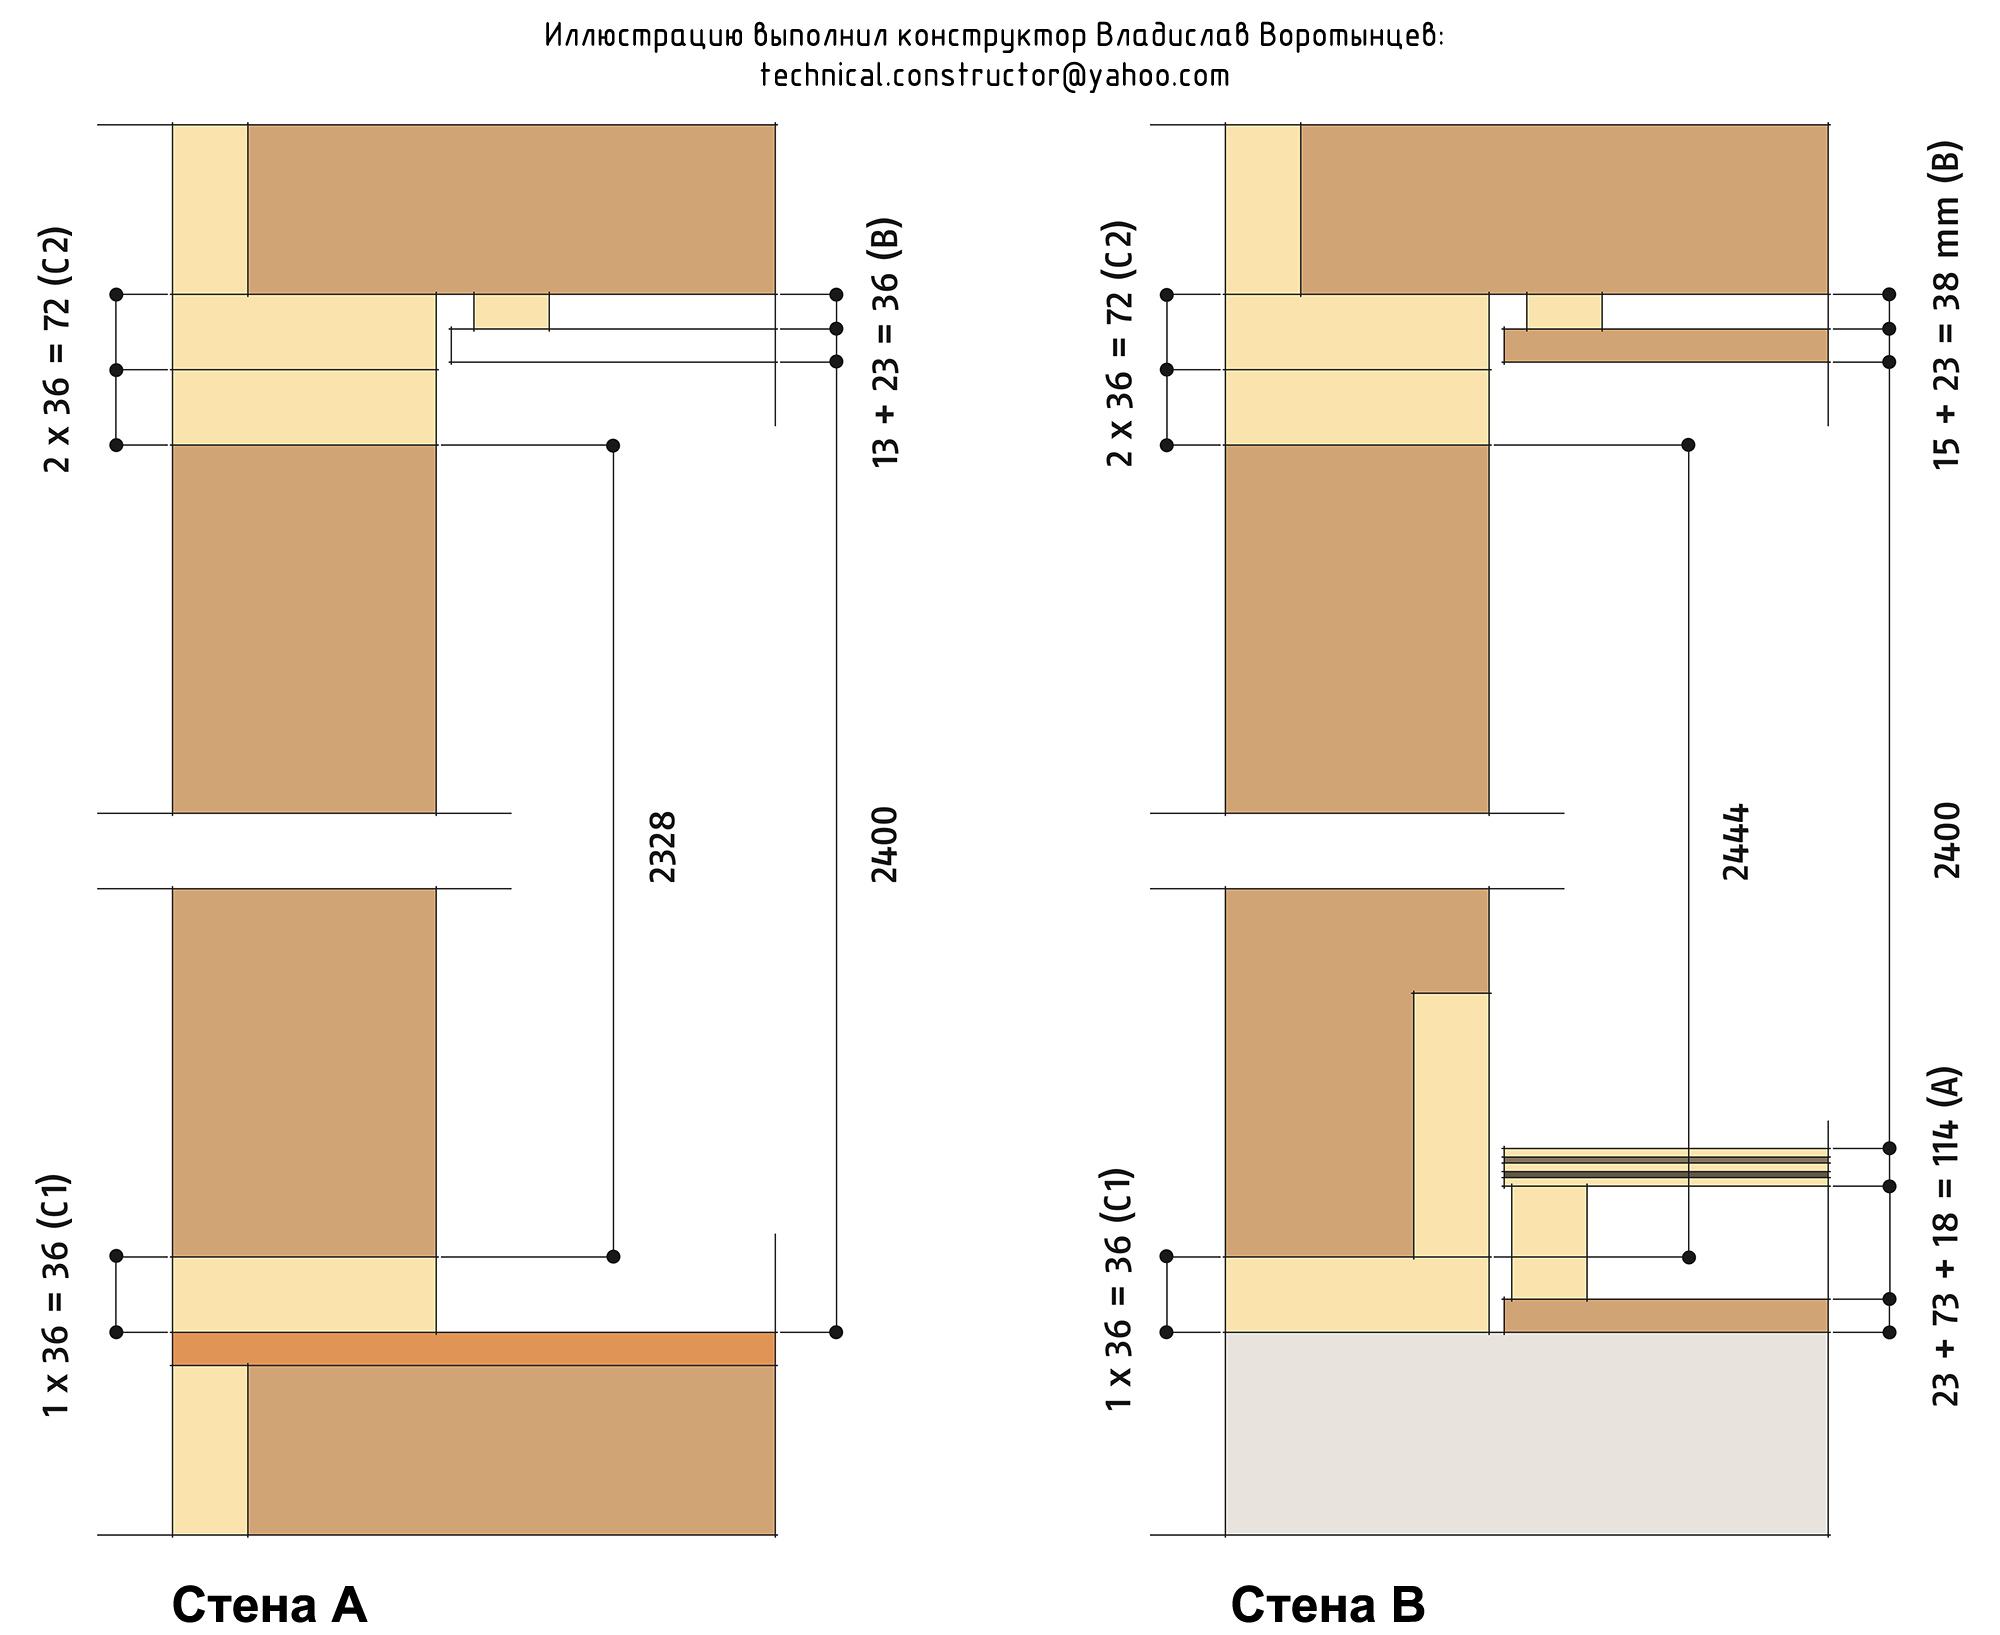 Рис. 9.13 Пример типичной скандинавской деревянной каркасной стены. Расчёт длины стоек каркасной стены